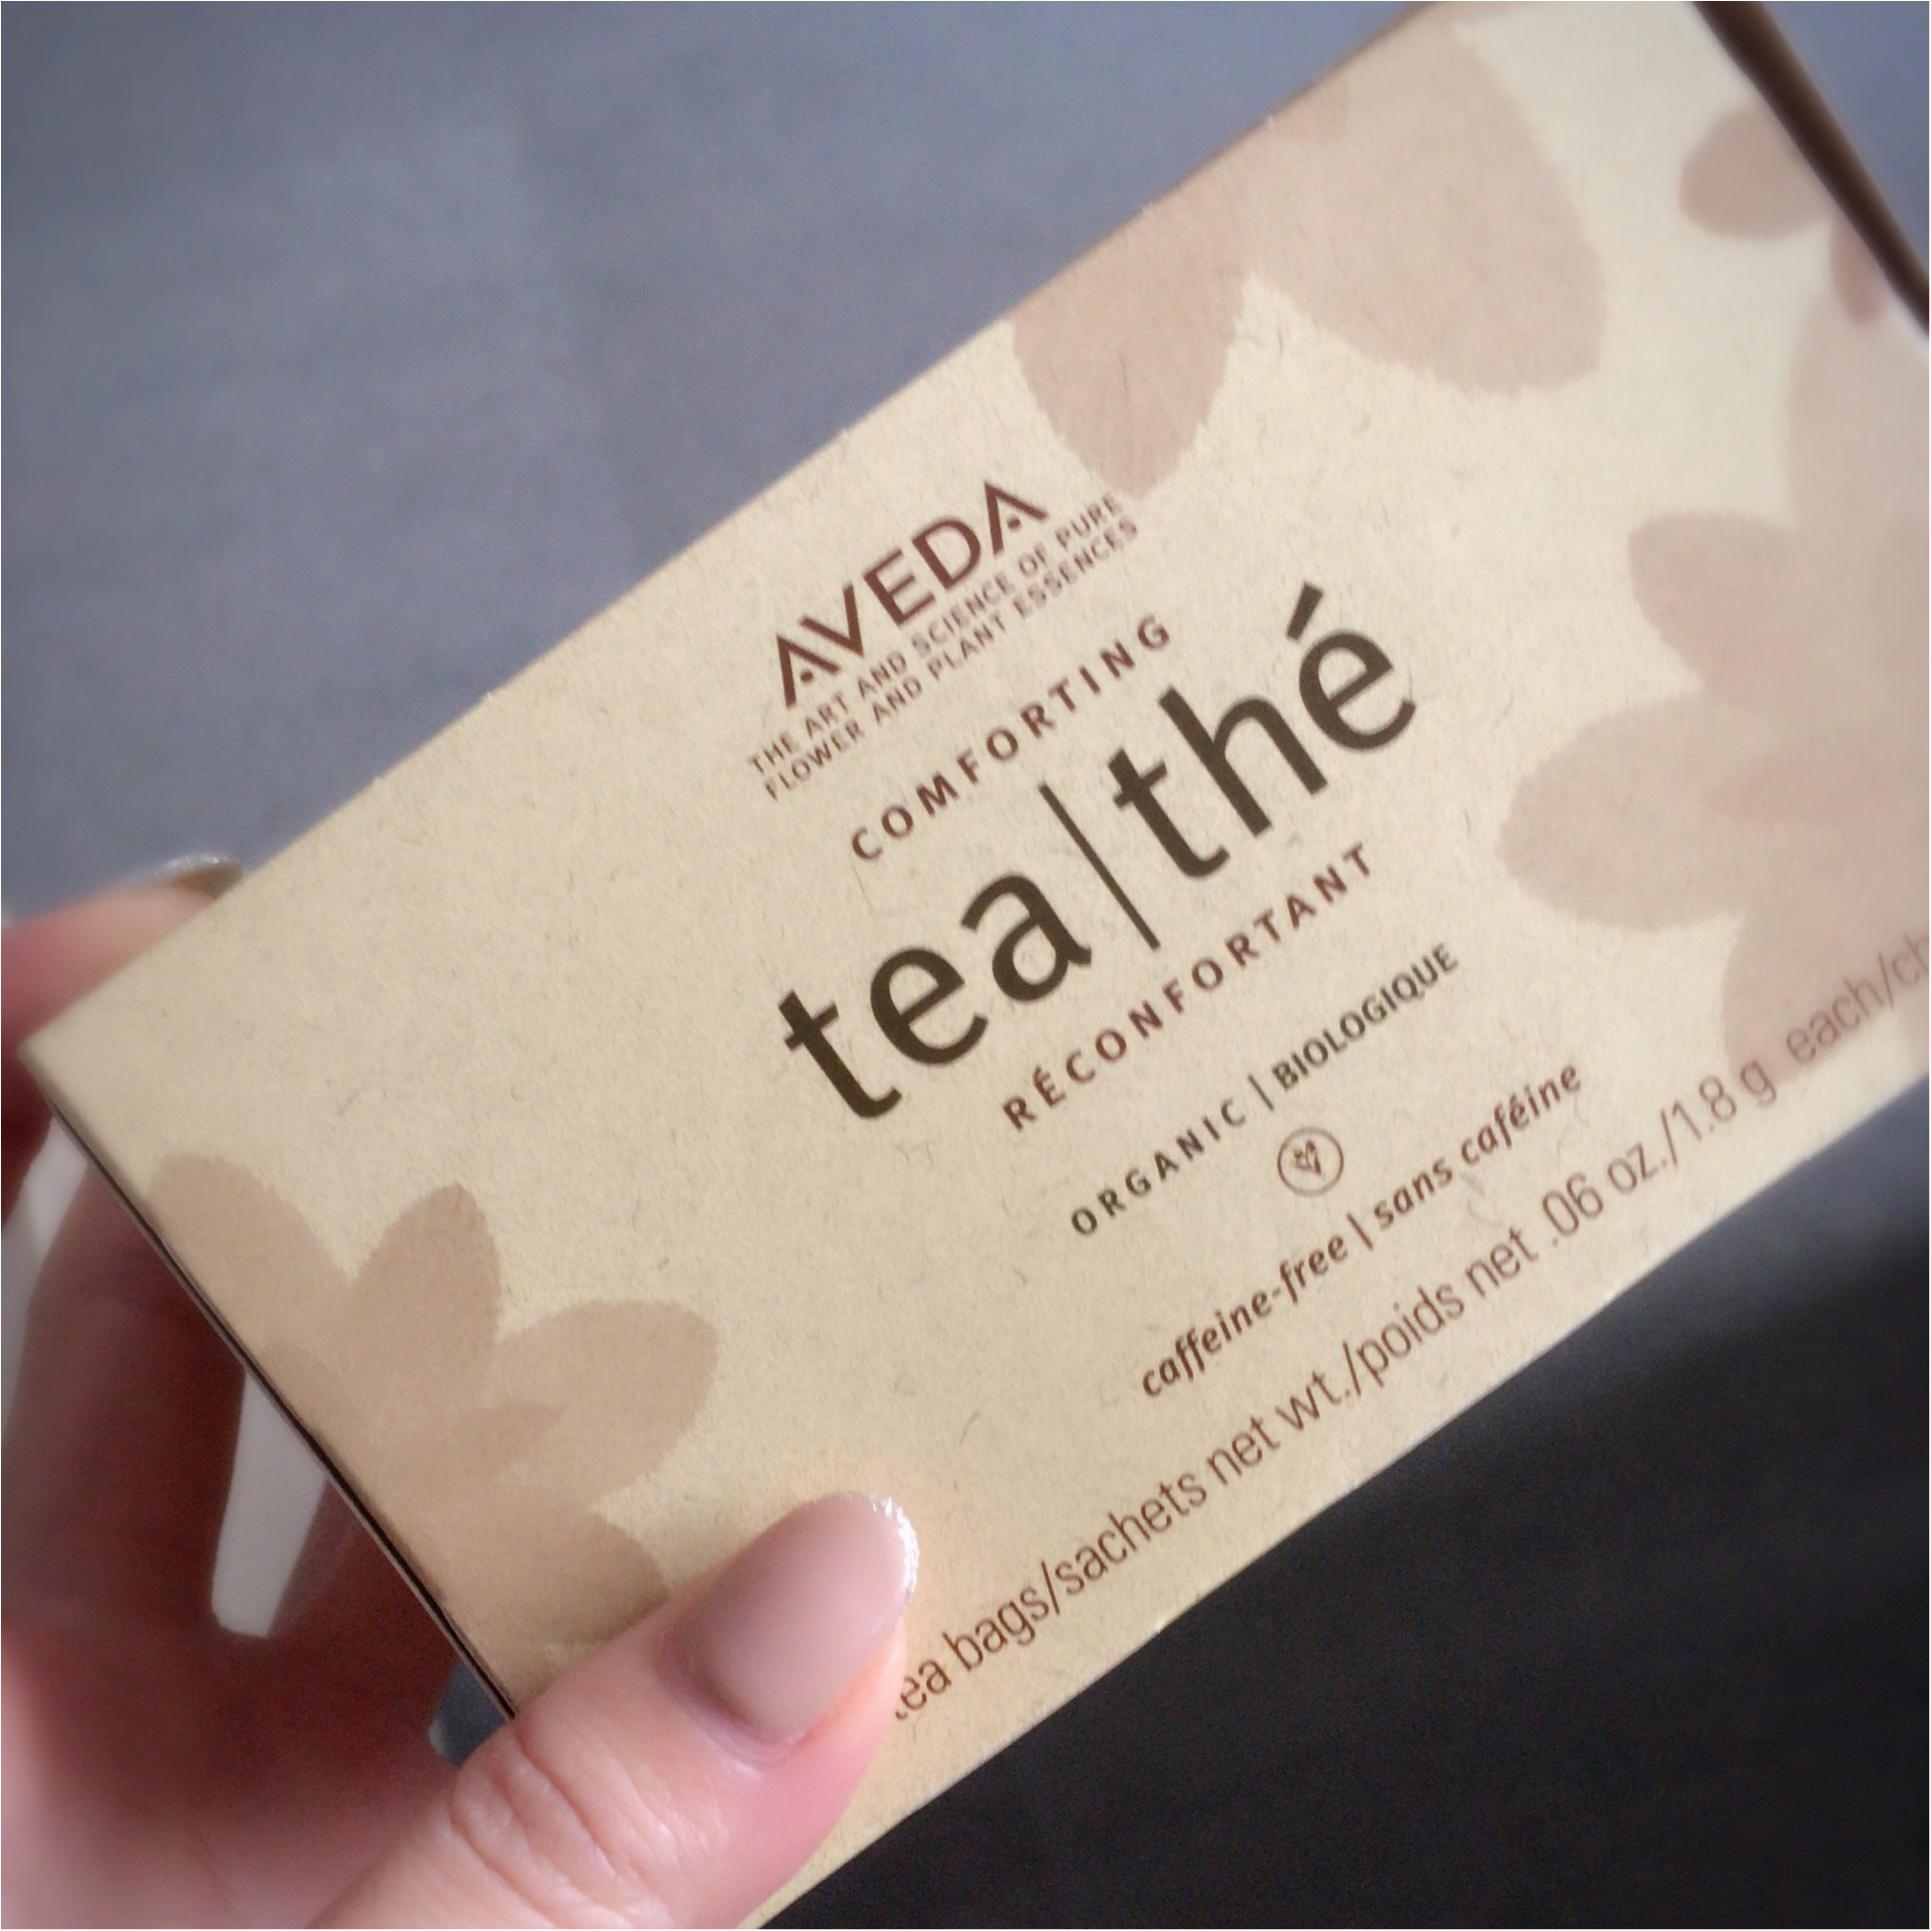 不思議な味がクセになる!AVEDAのCOMFORTING teaでちょこっとダイエットを実践中!!_1